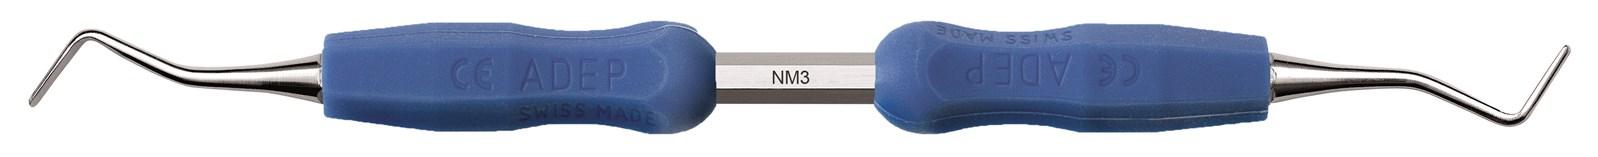 Lžičkové dlátko - NM3, ADEP tmavě modrý